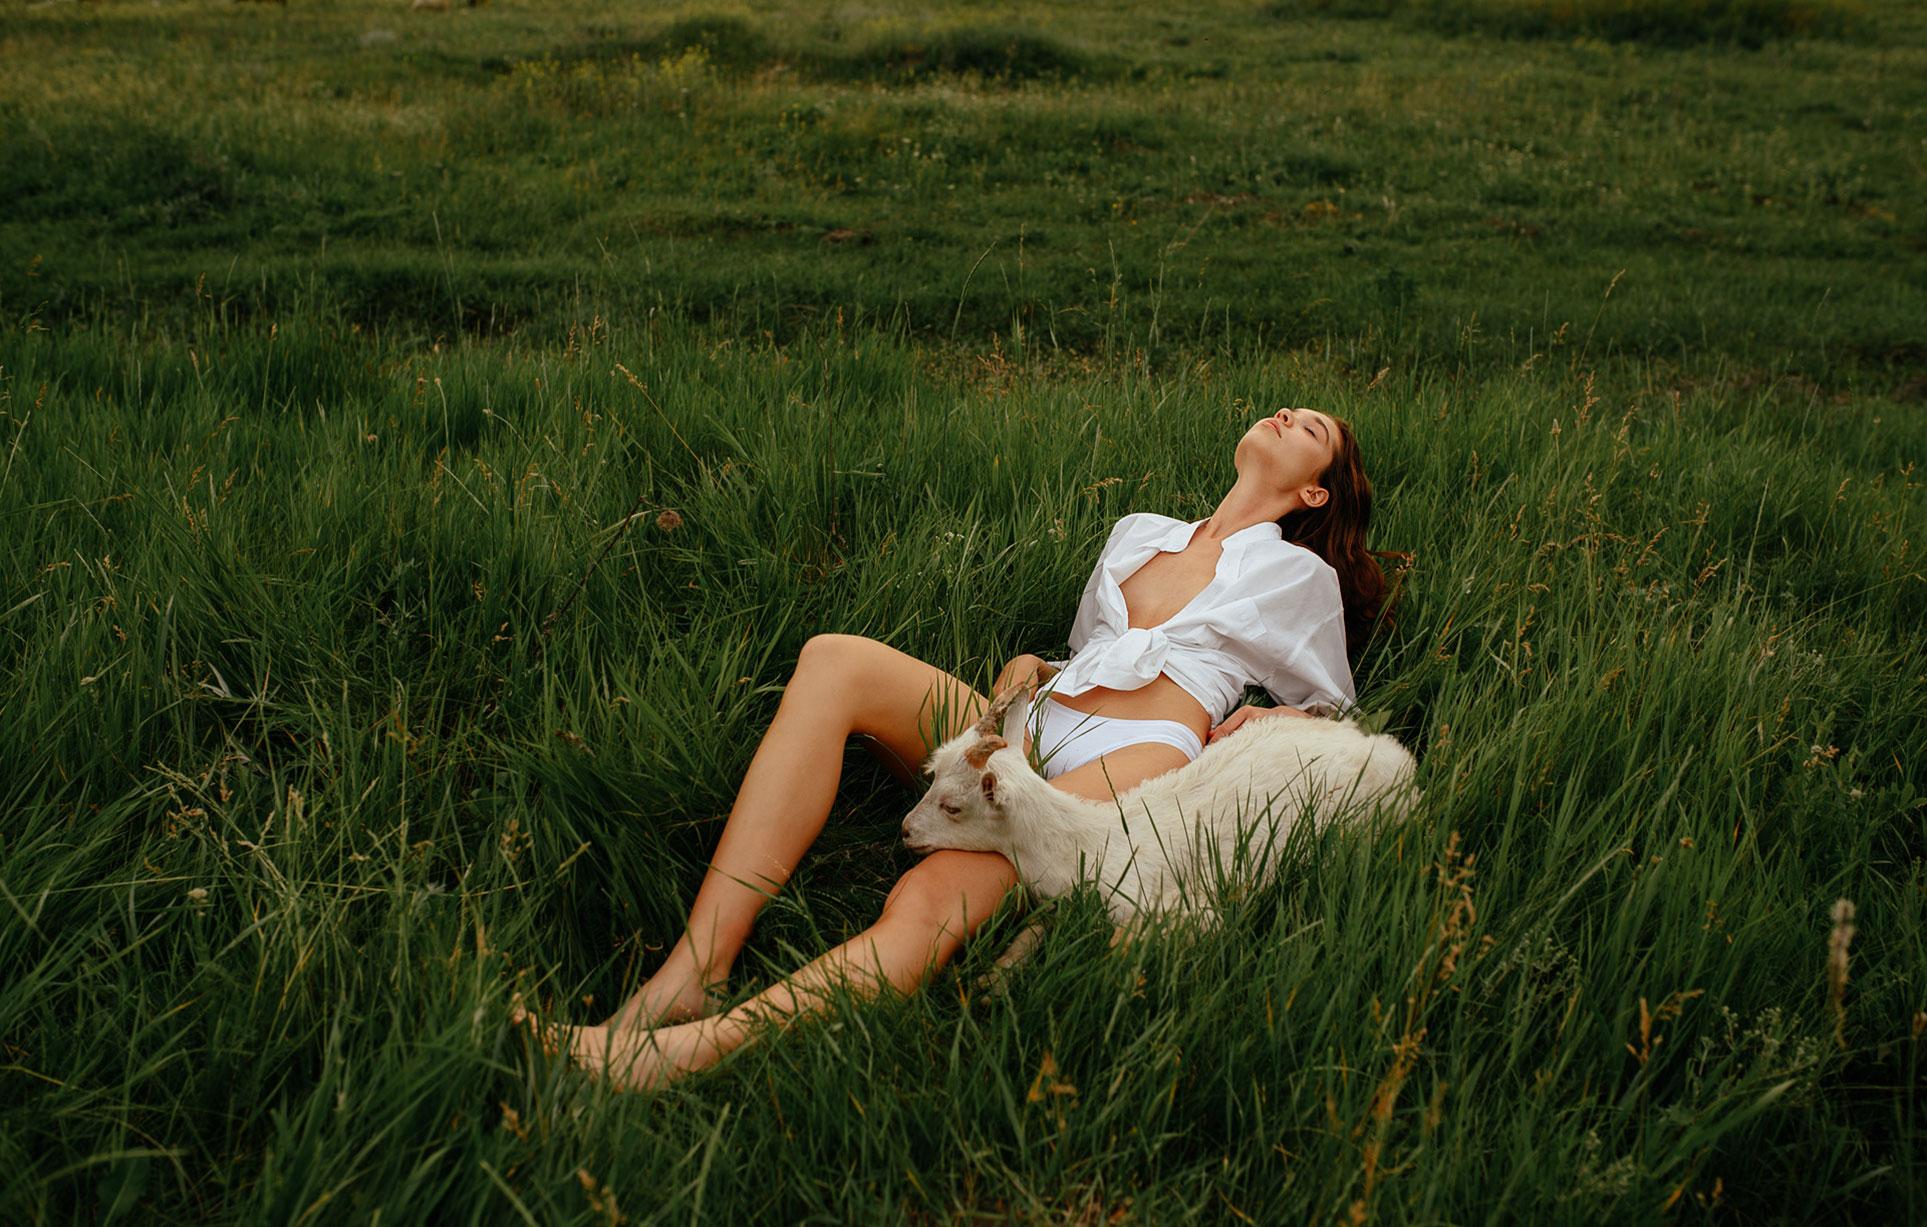 Прогулка с красивой девушкой в летнем поле / фото 02